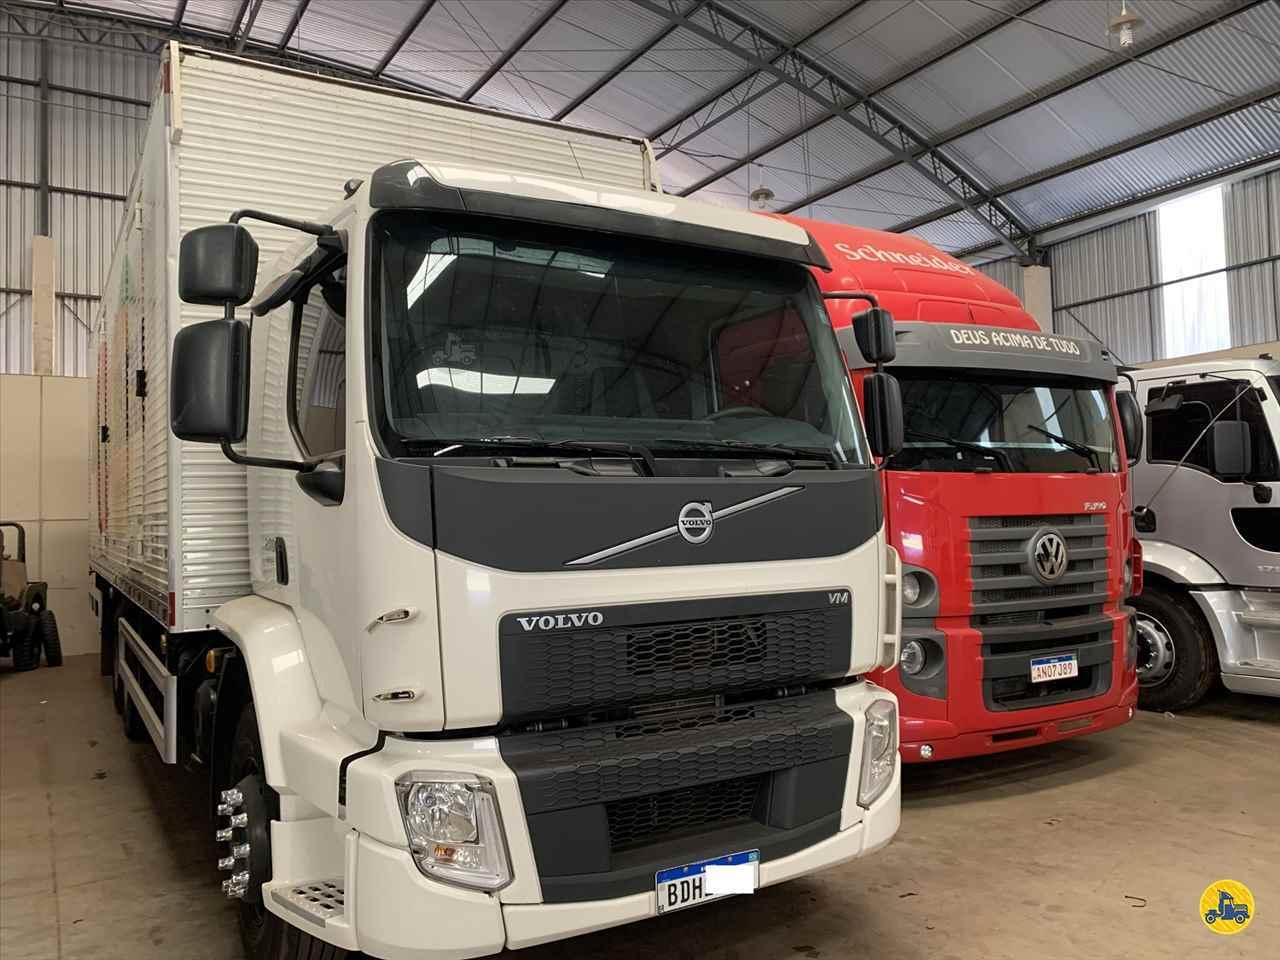 CAMINHAO VOLVO VOLVO VM 270 Baú Furgão Truck 6x2 Estacionamento Gaúcho ARAPONGAS PARANÁ PR